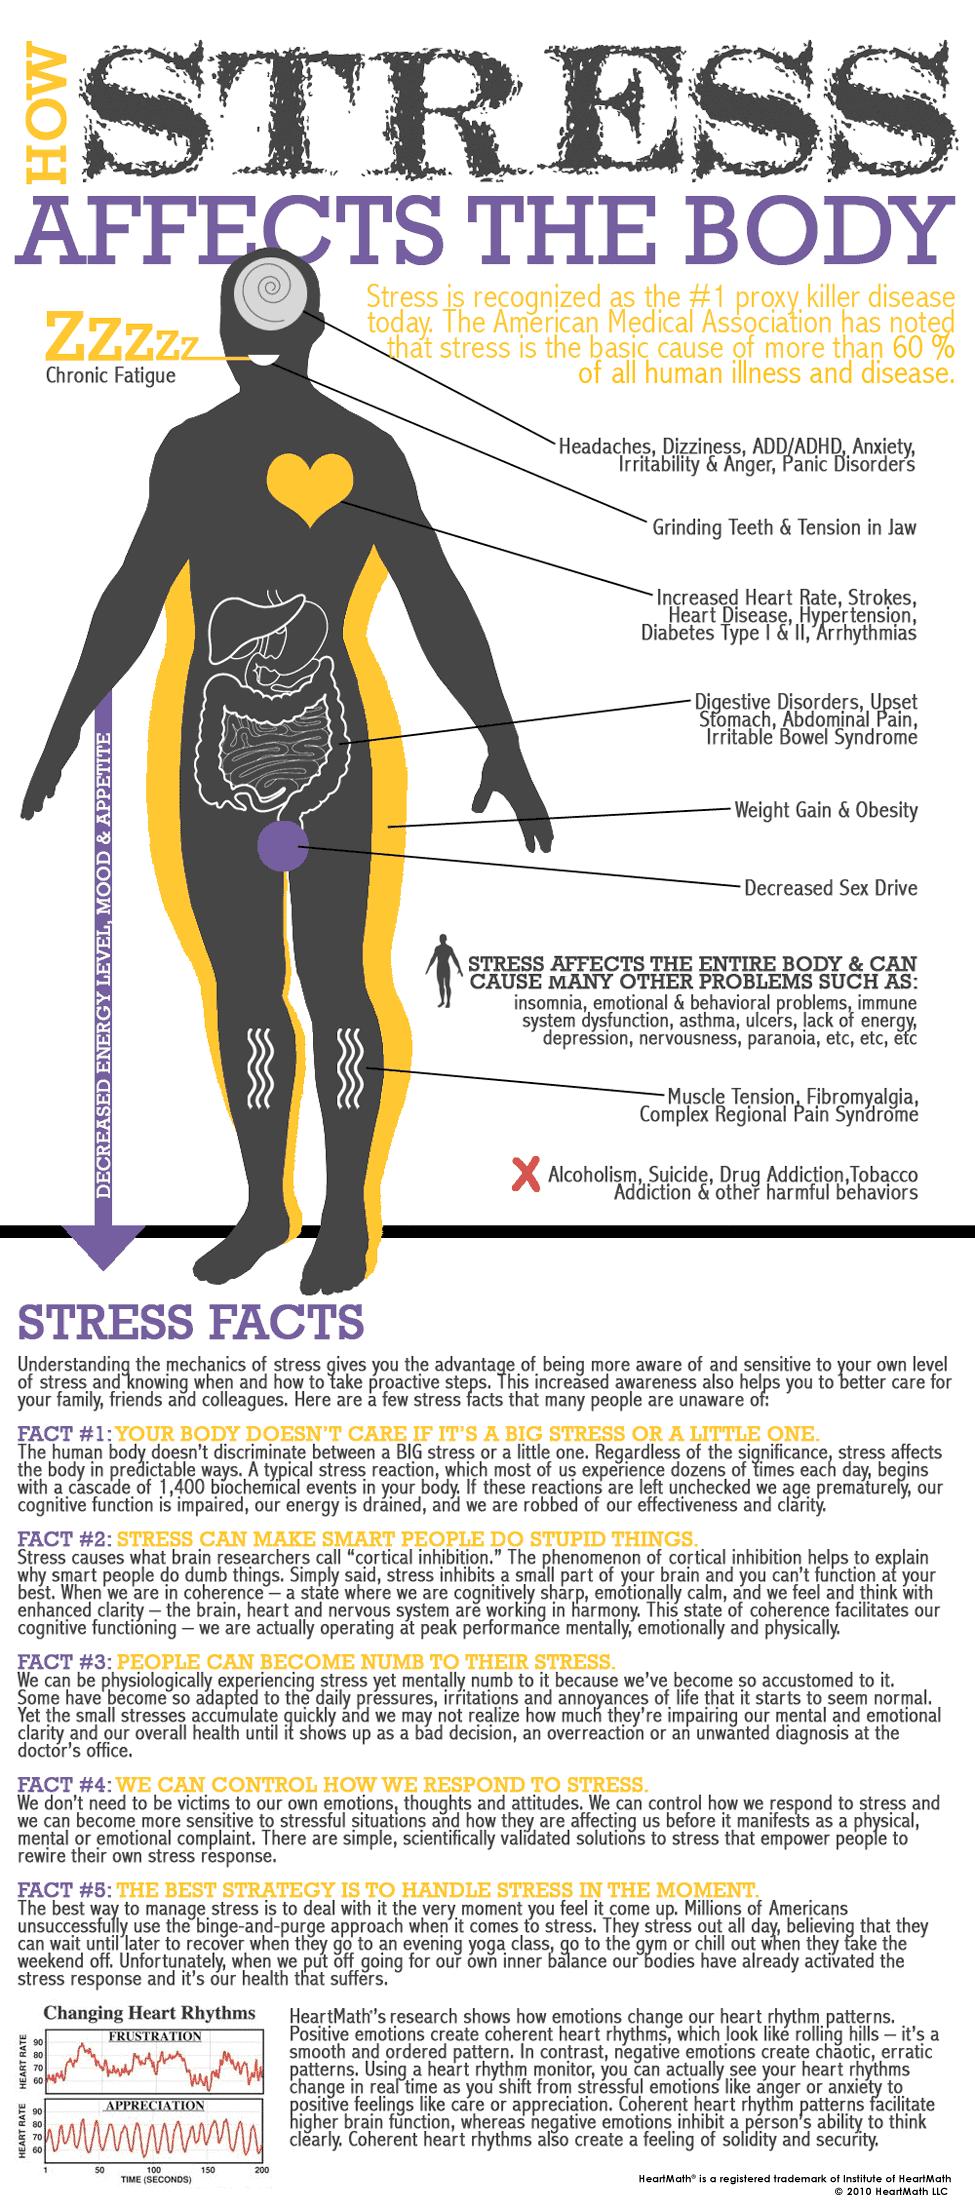 Infographic.com